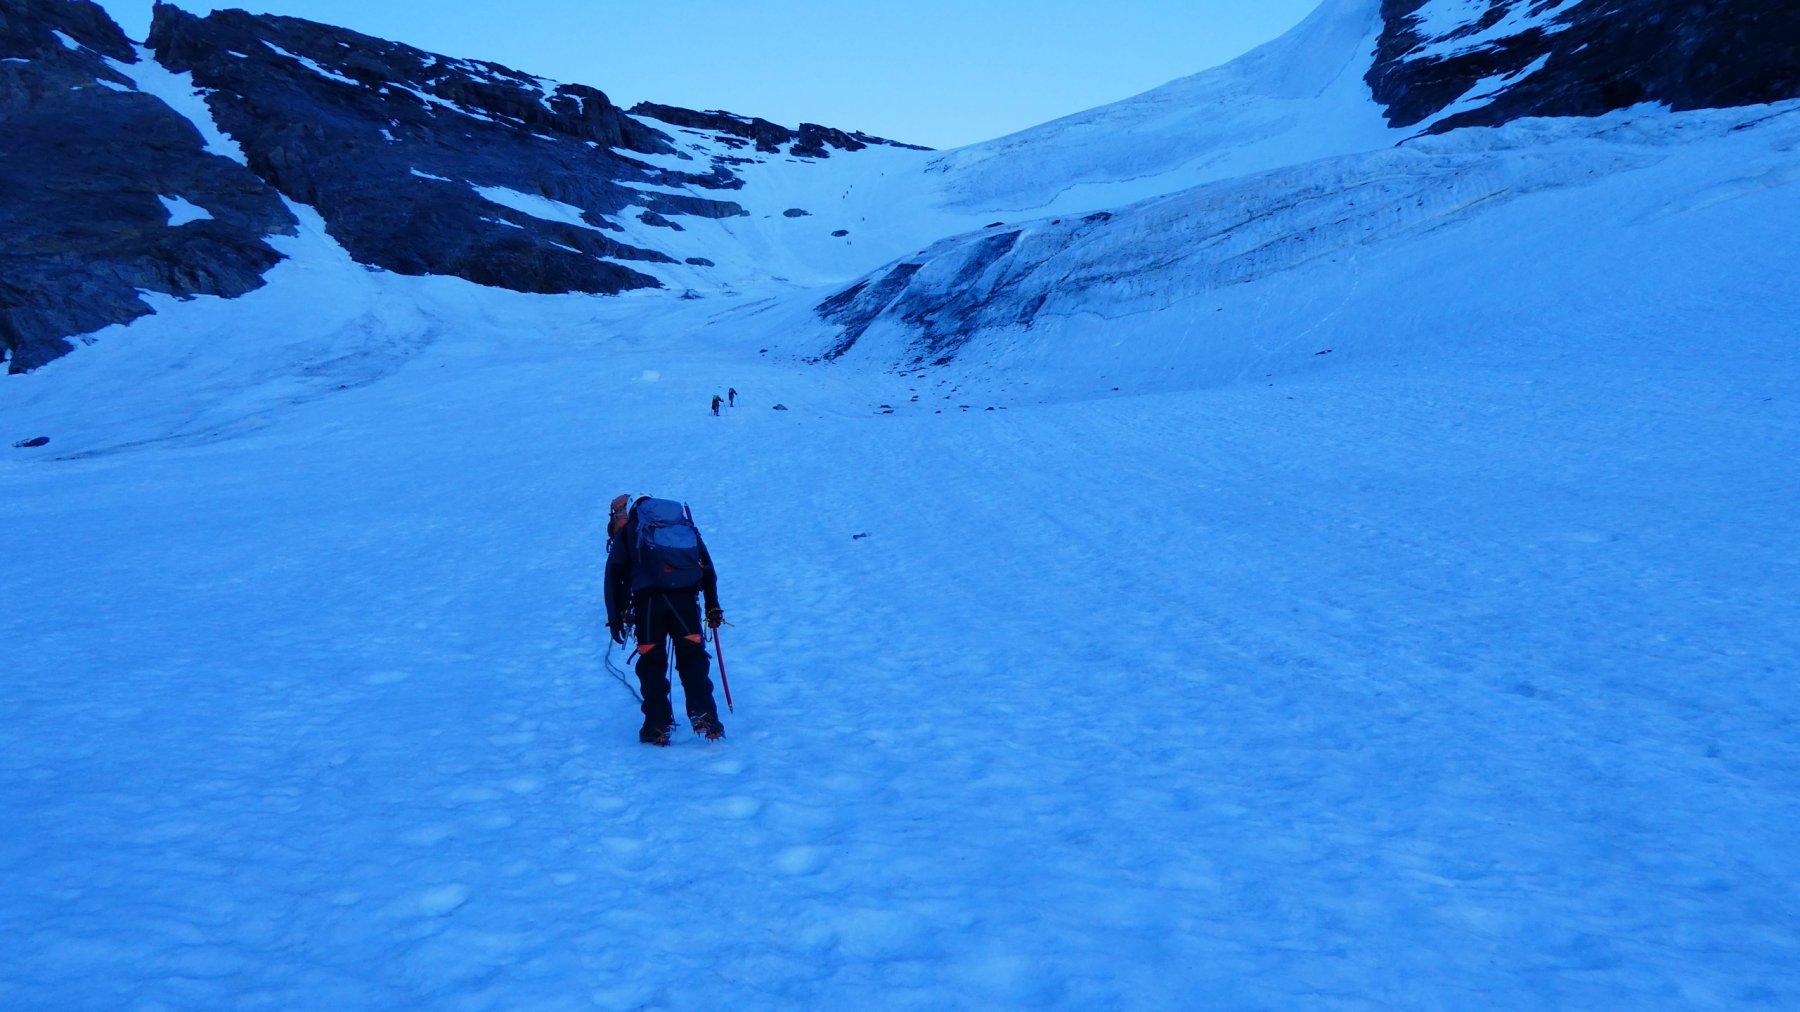 salendo verso il tratto più ripido del ghiacciaio